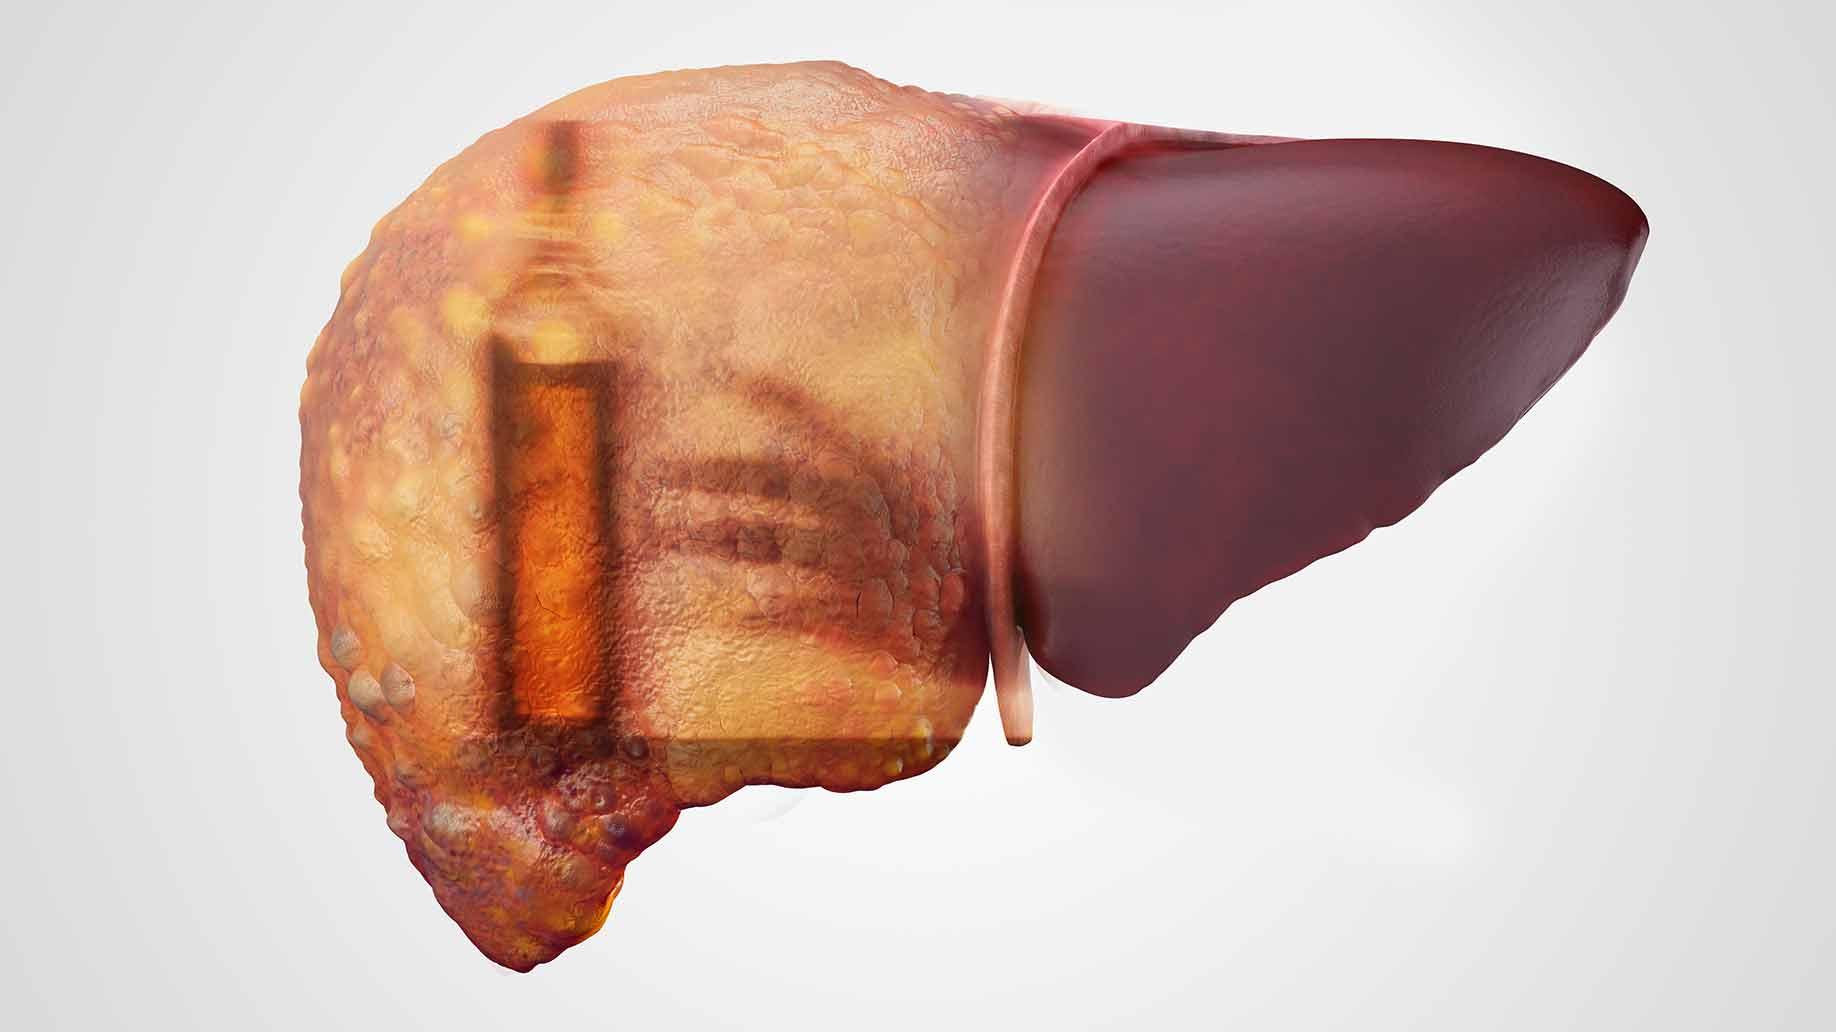 Алкогольный гепатит, предвестник цирроза: как распознать и вылечить